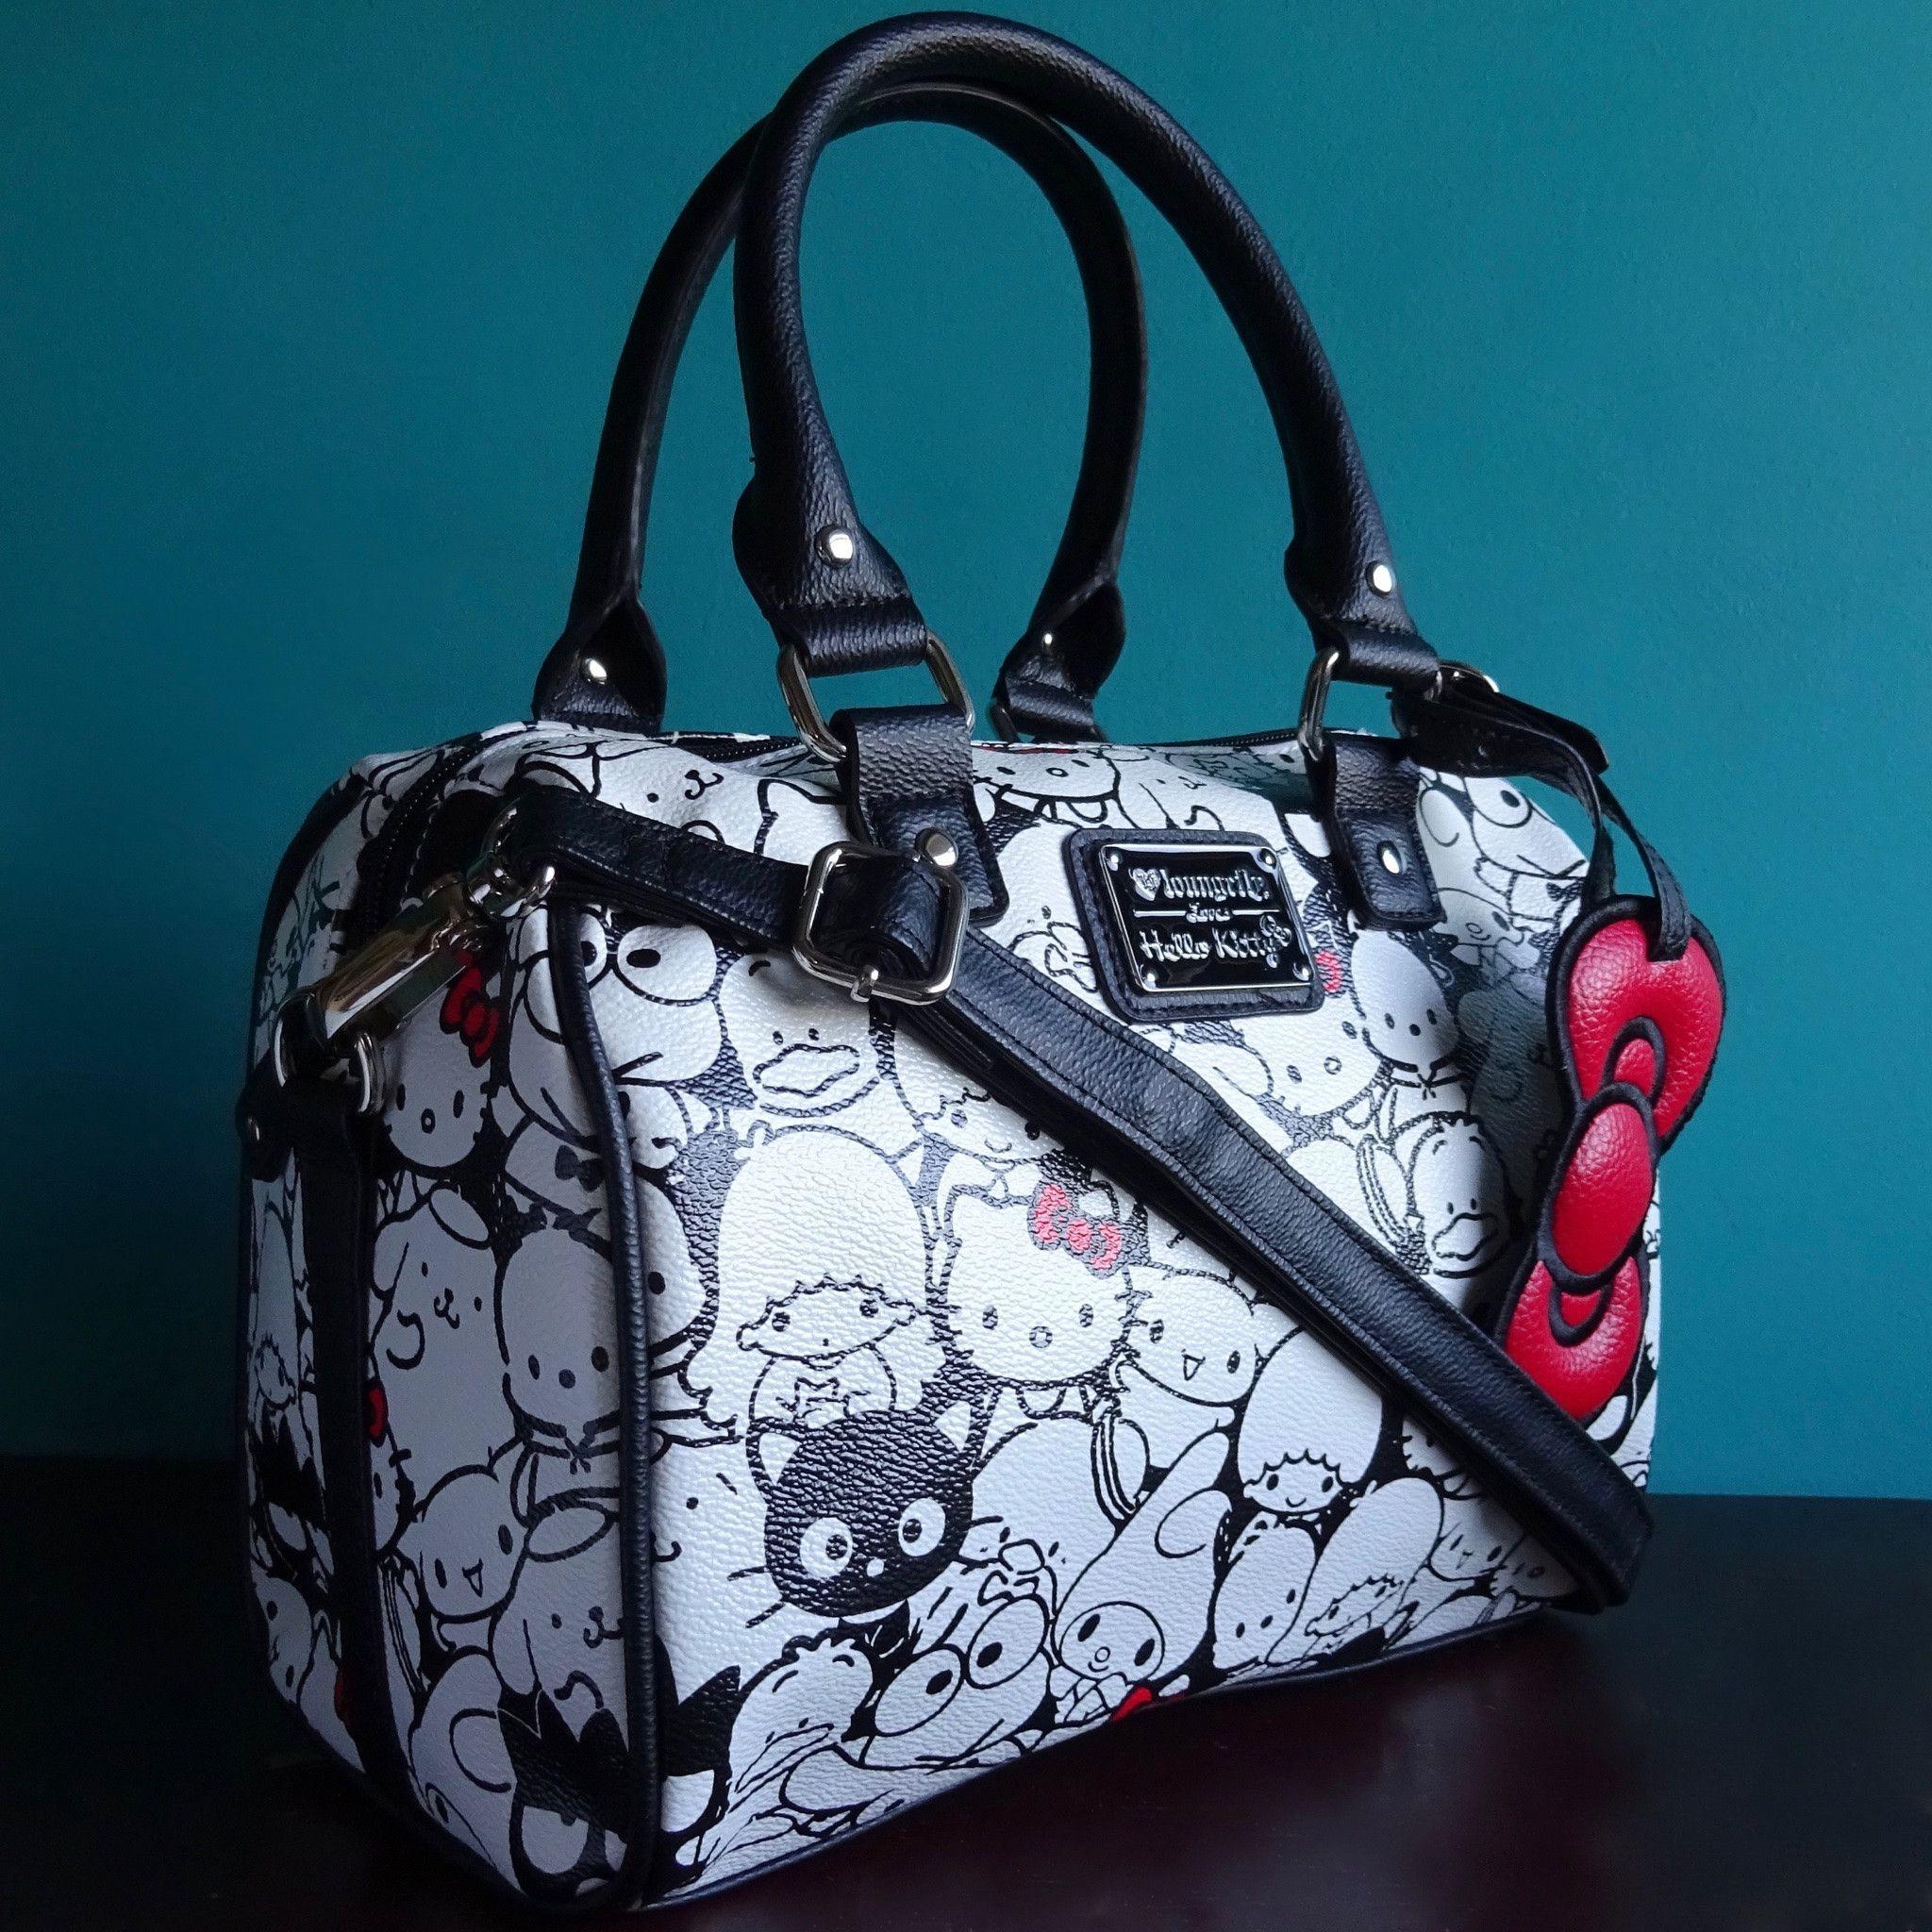 Best 25 hello kitty handbags ideas on pinterest hello kitty hello kitty purse and hello - Coloriage hello kitty tete ...